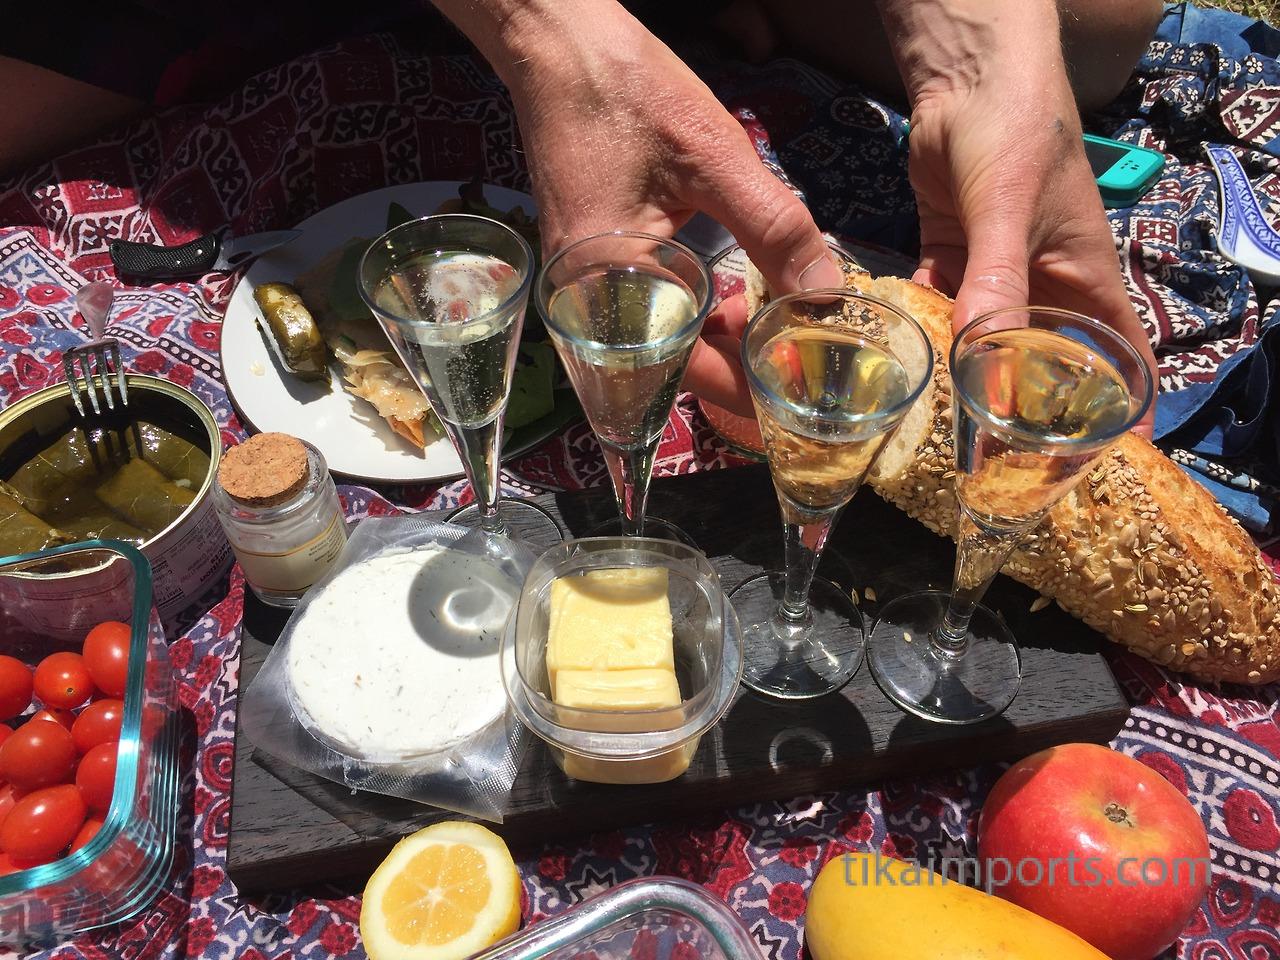 Tika's picnic spread